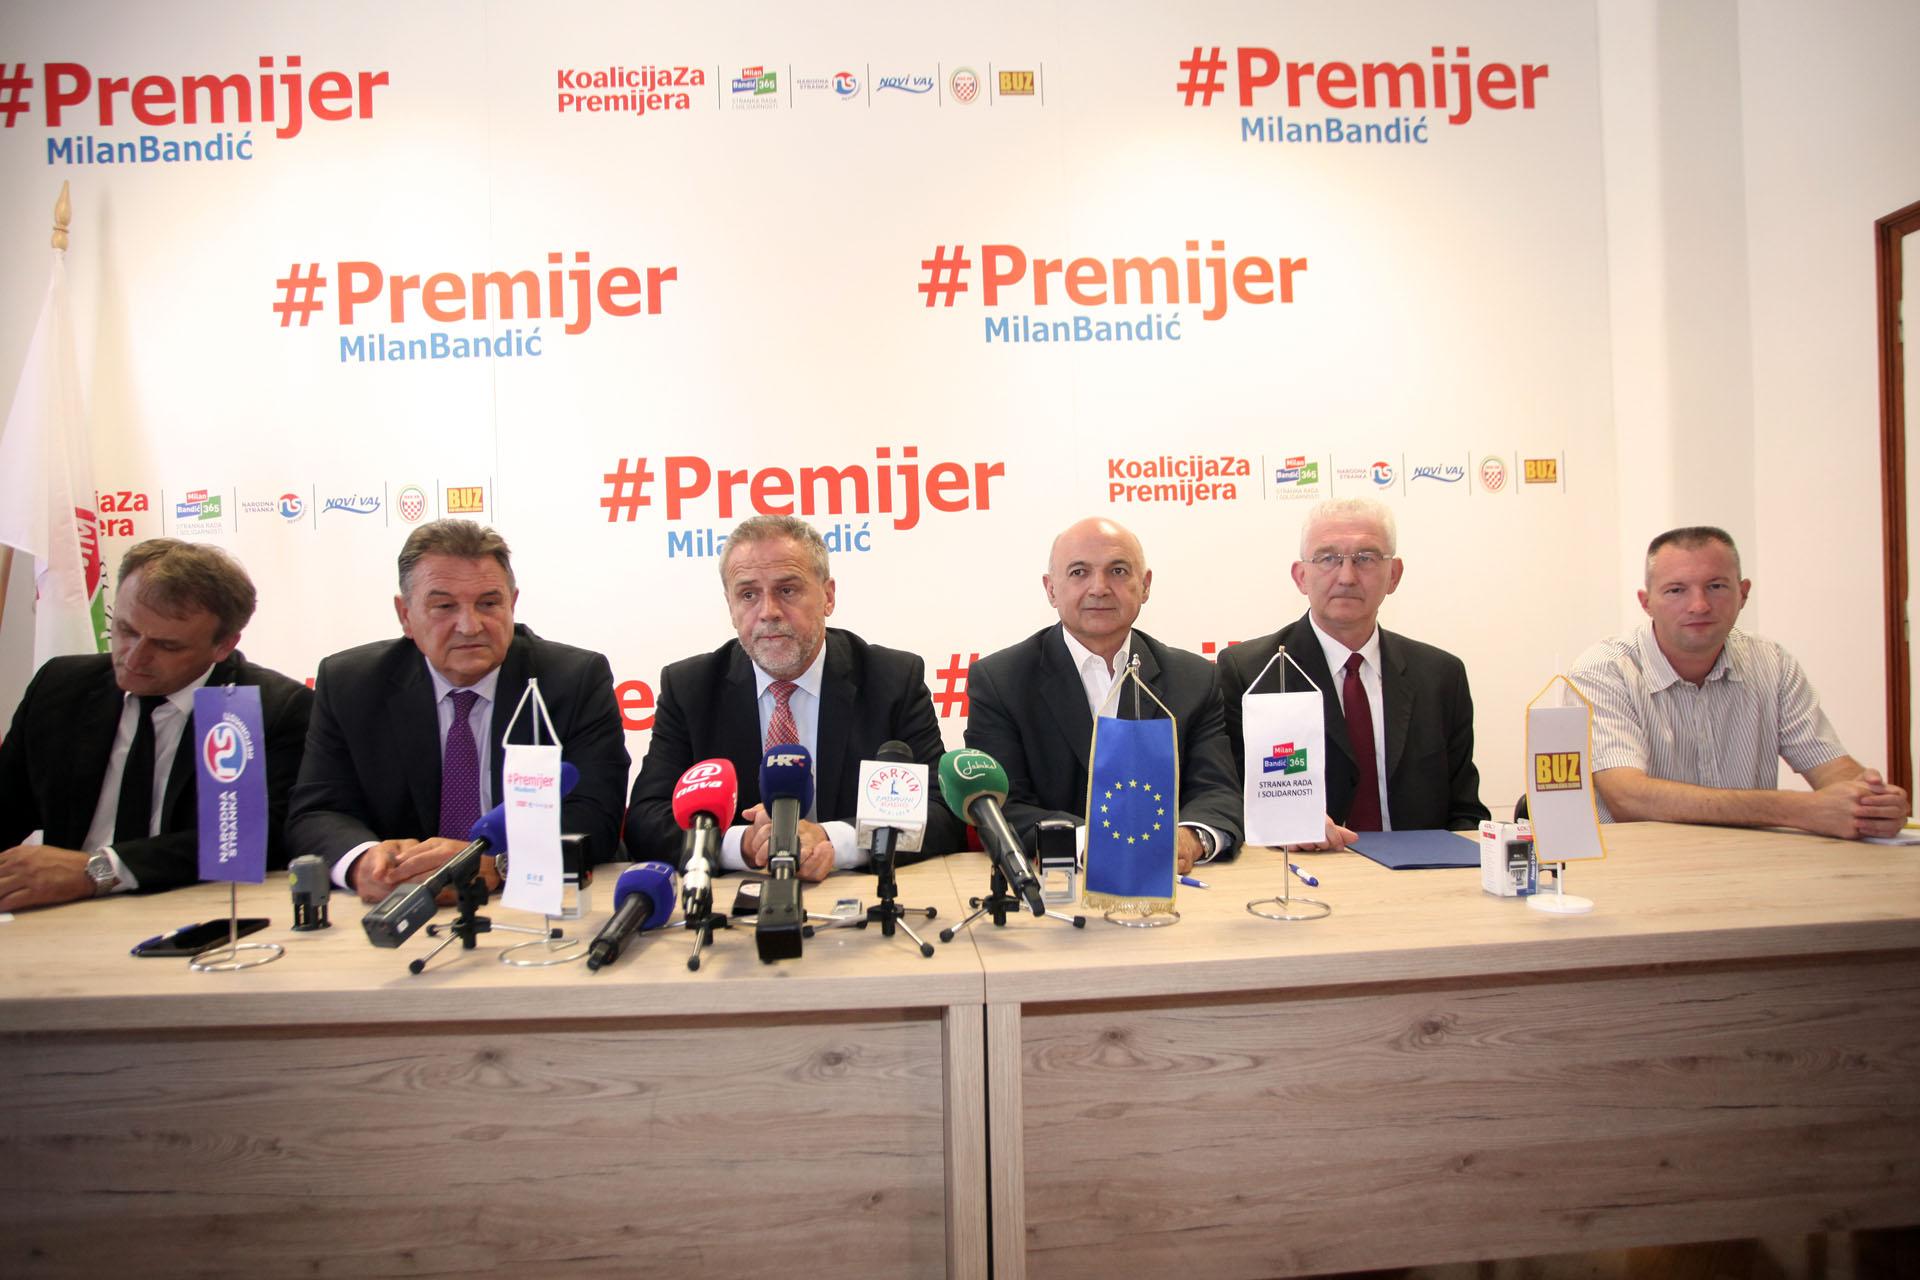 ZA PREMIJERA: Pozivam sve da izađu na izbore i da odmorimo HDZ i SDP - poručuje Bandić 1